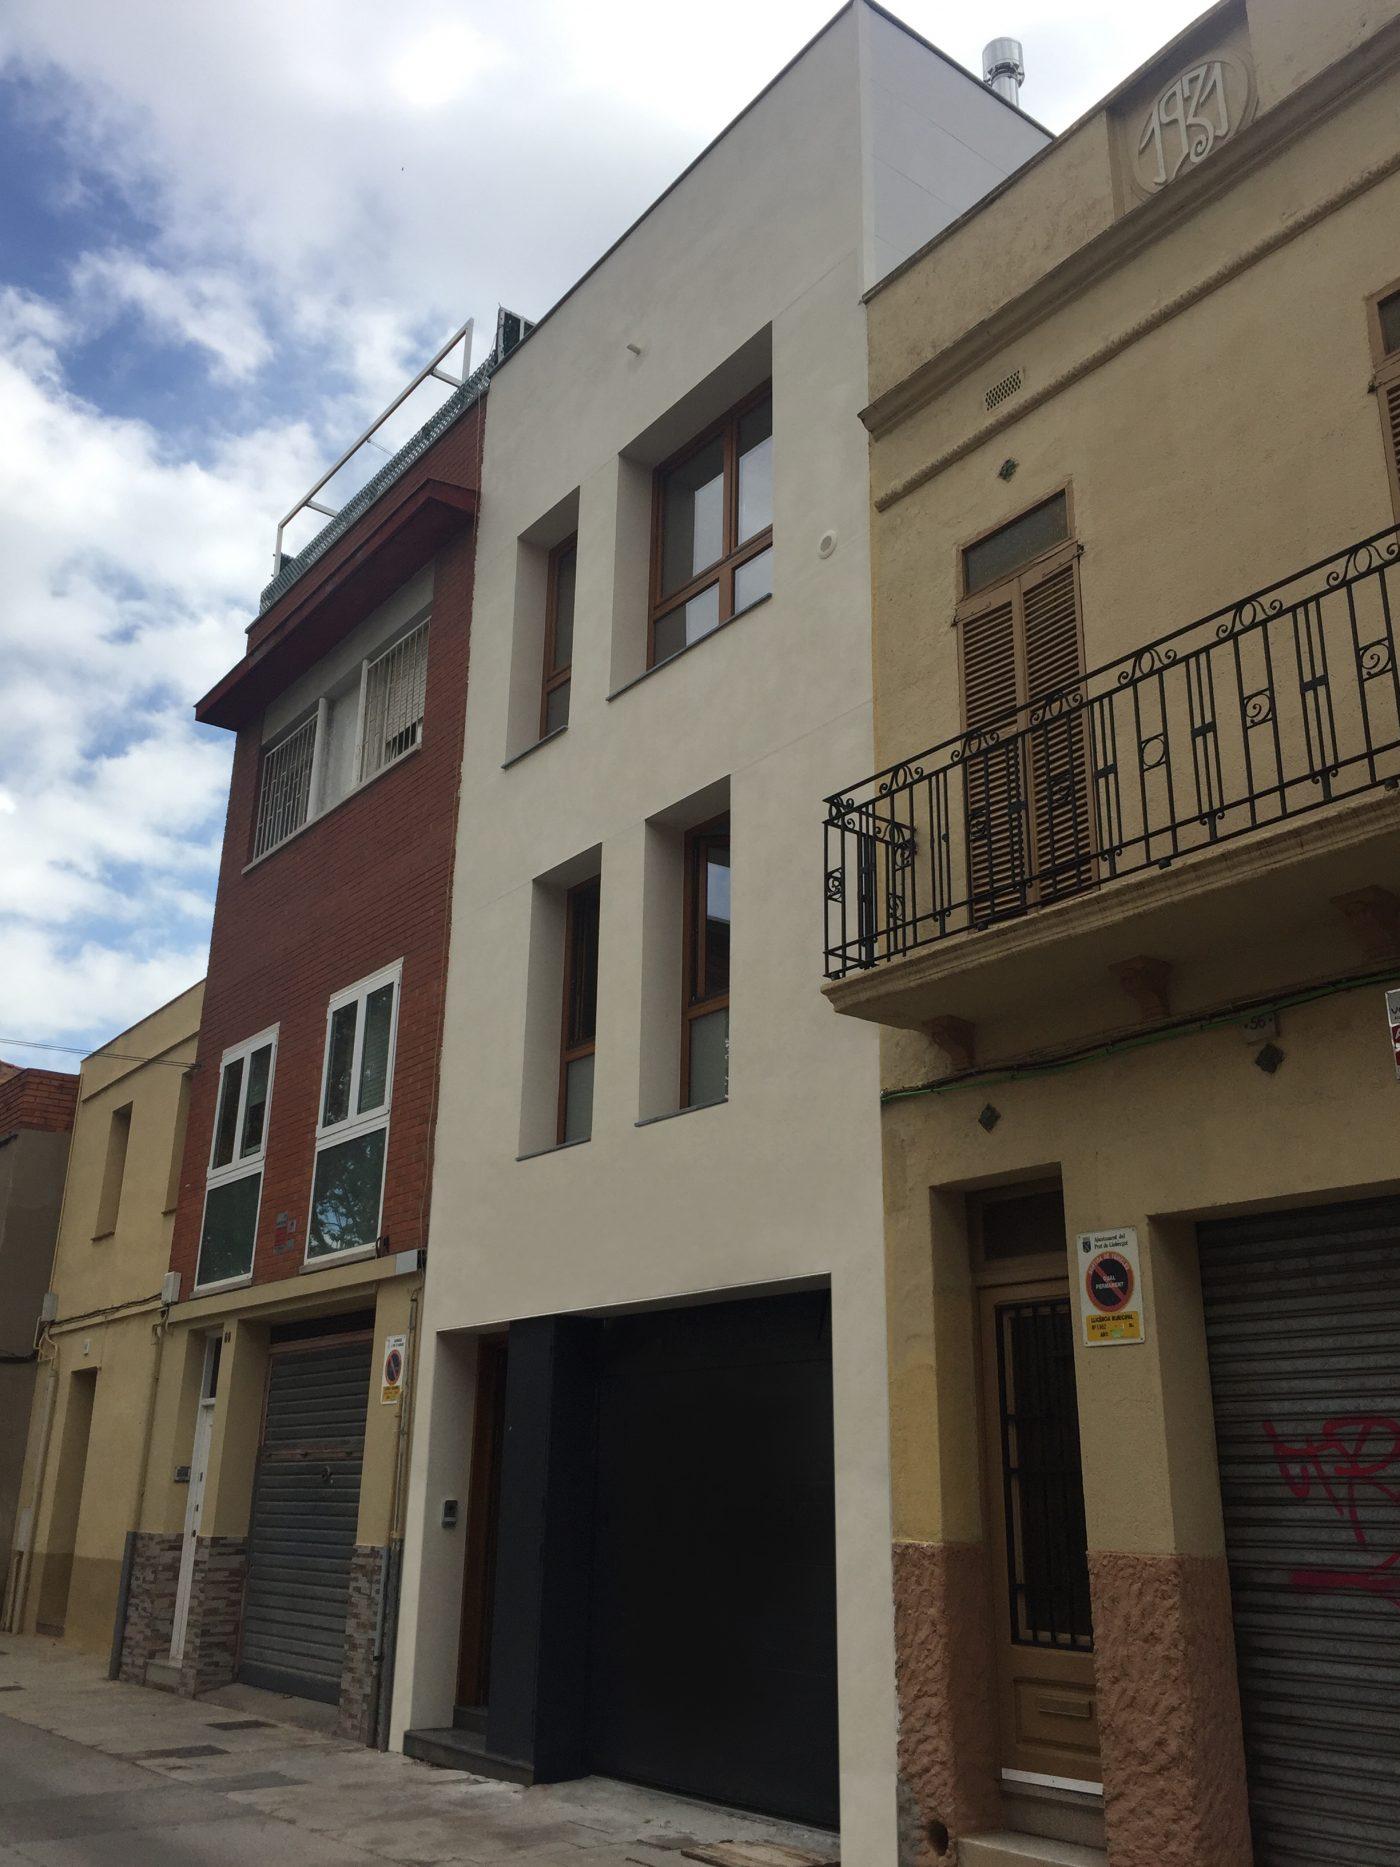 HOUSE HABITAT concluye un edificio de madera con planta baja más ...